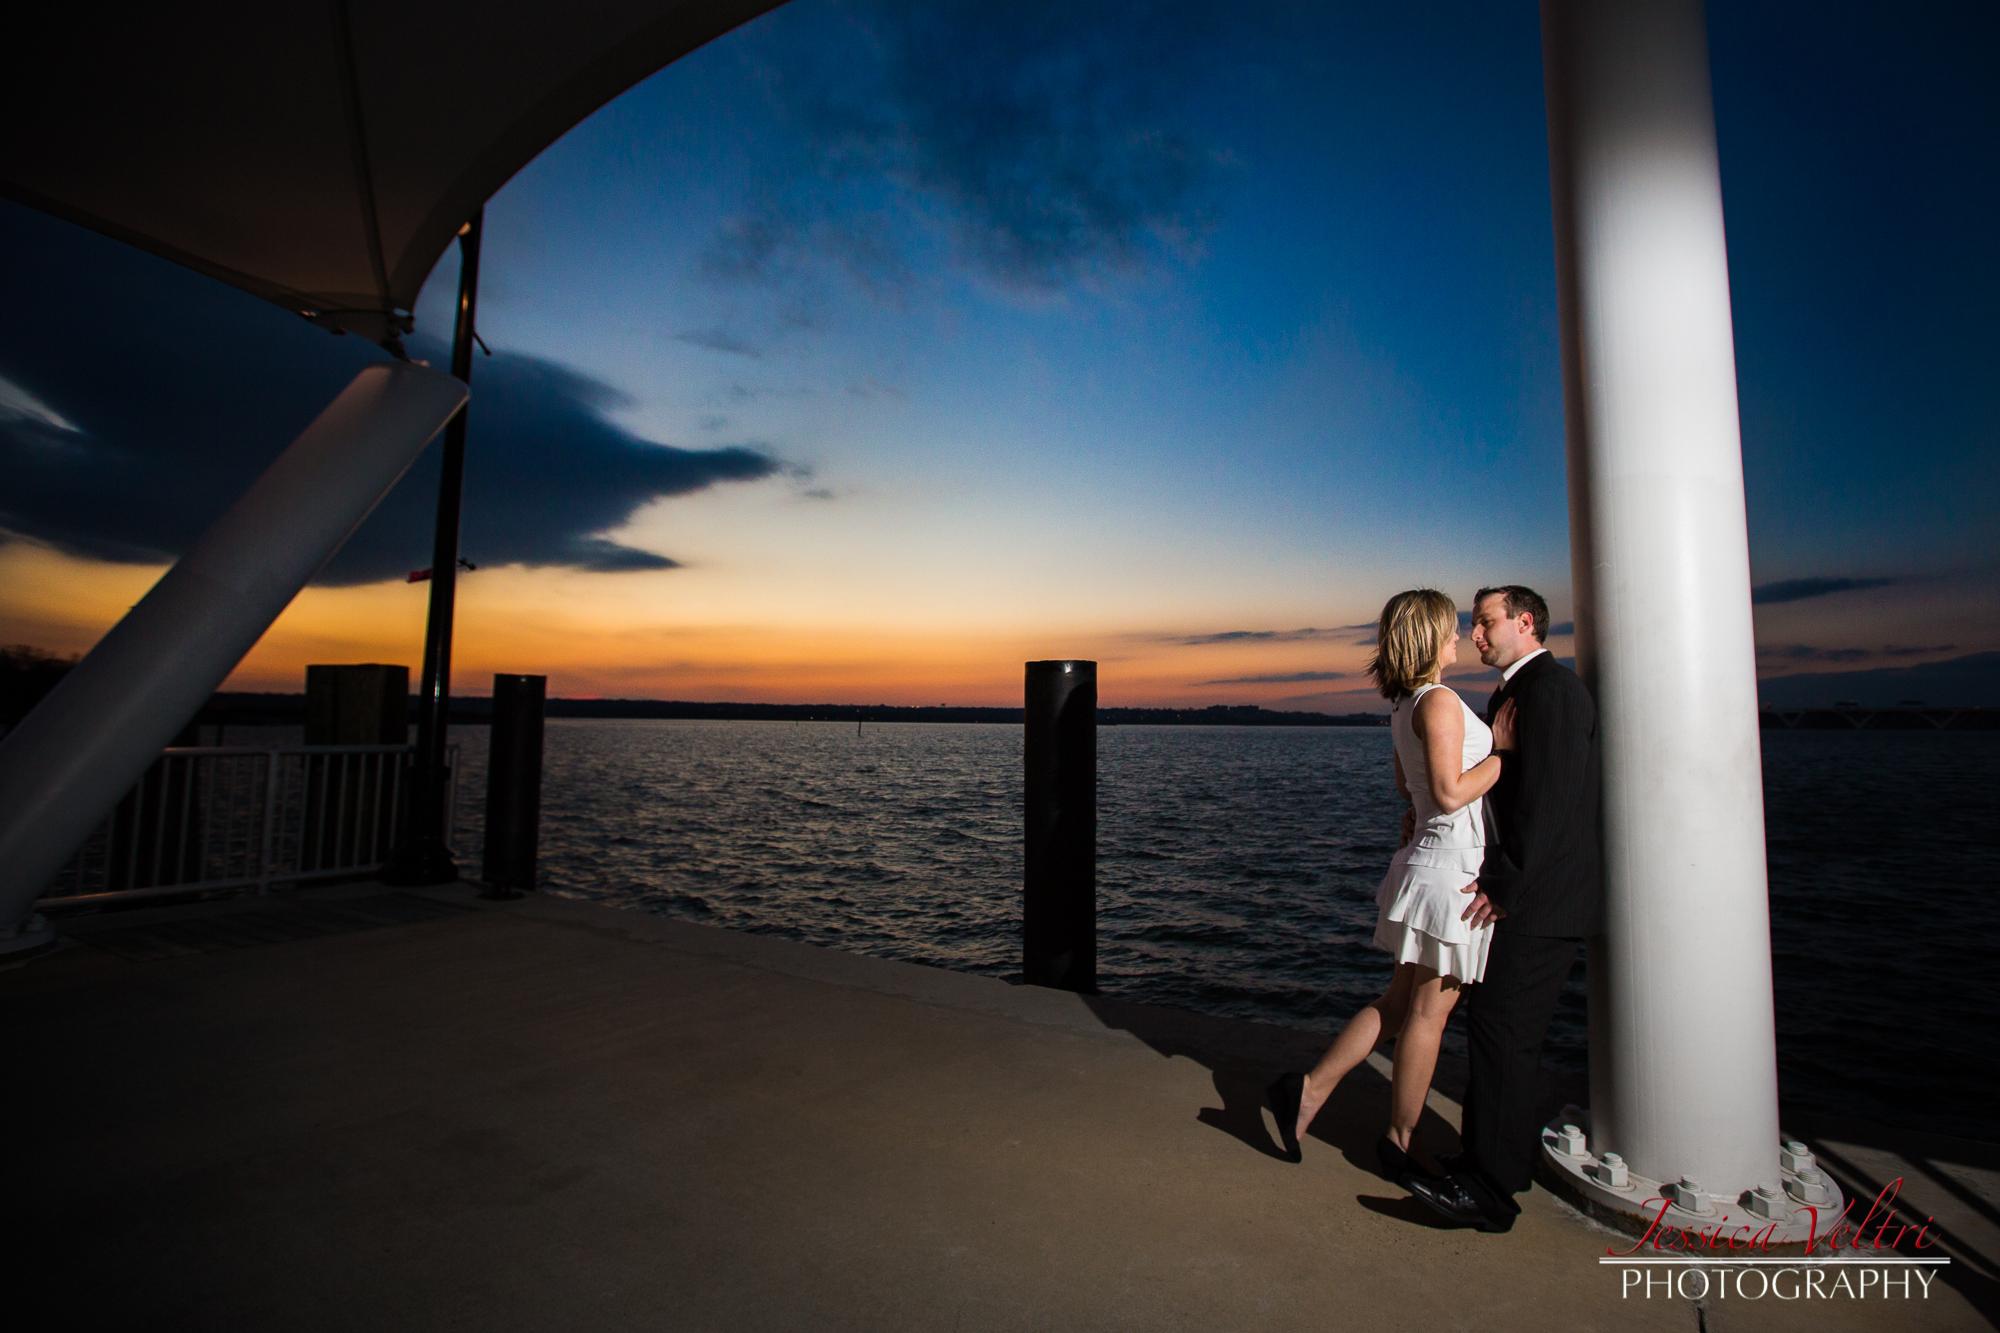 National Harbor Engagement - Washington D.C. Photographer Jessica Veltri